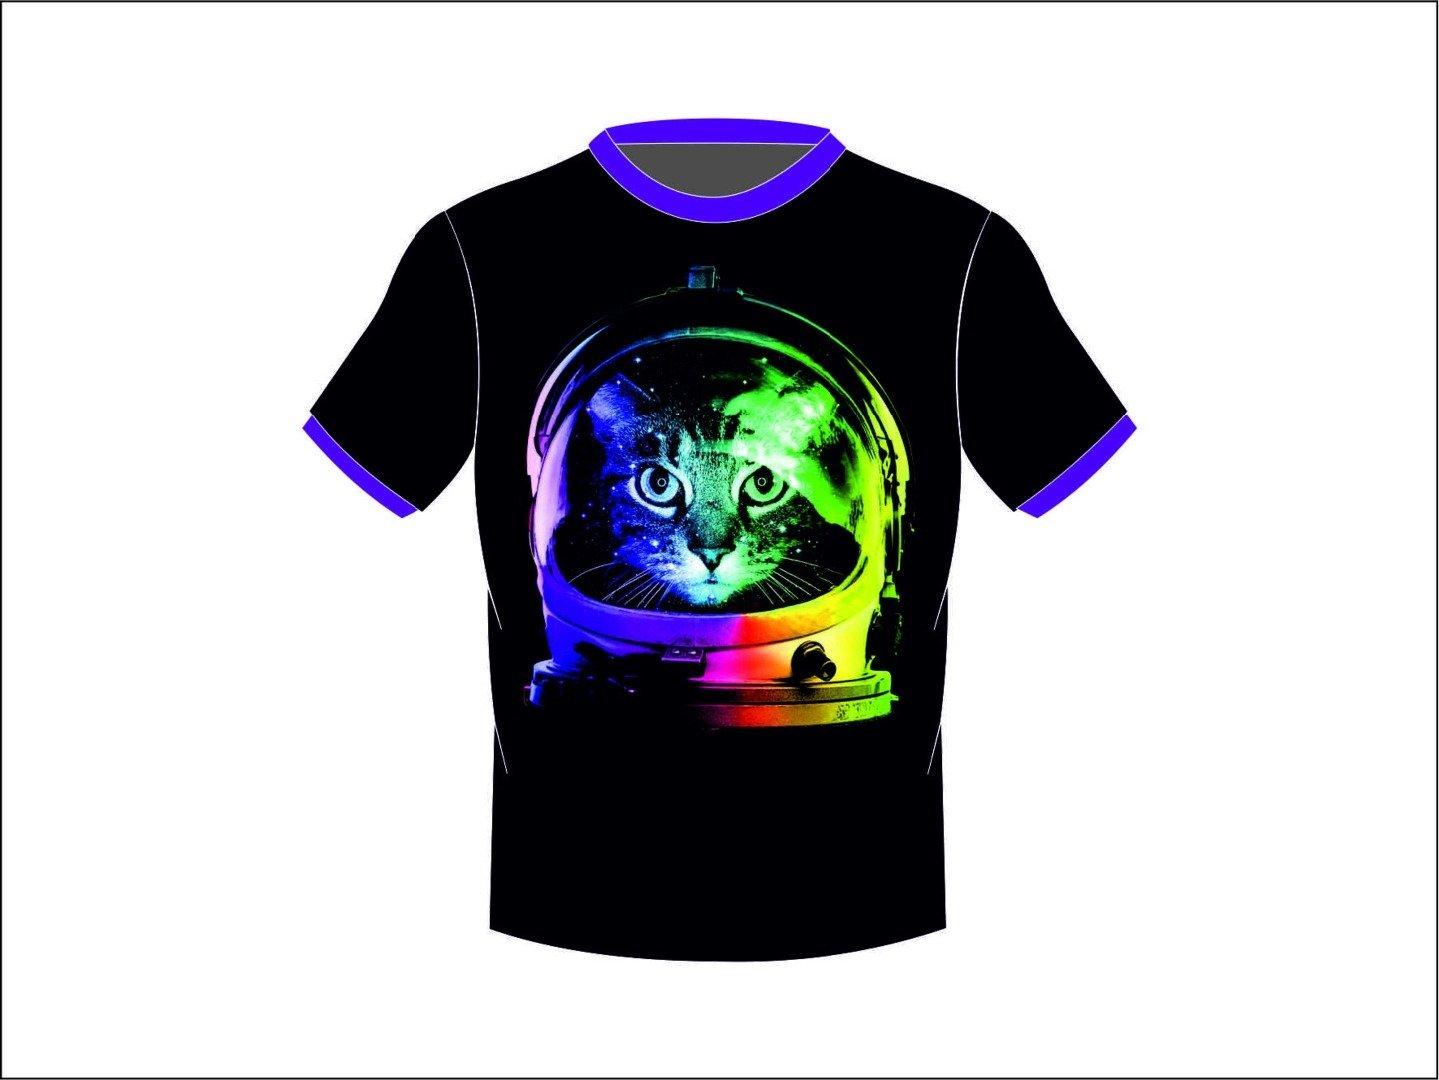 Срочная печать фото и логотипов на футболках